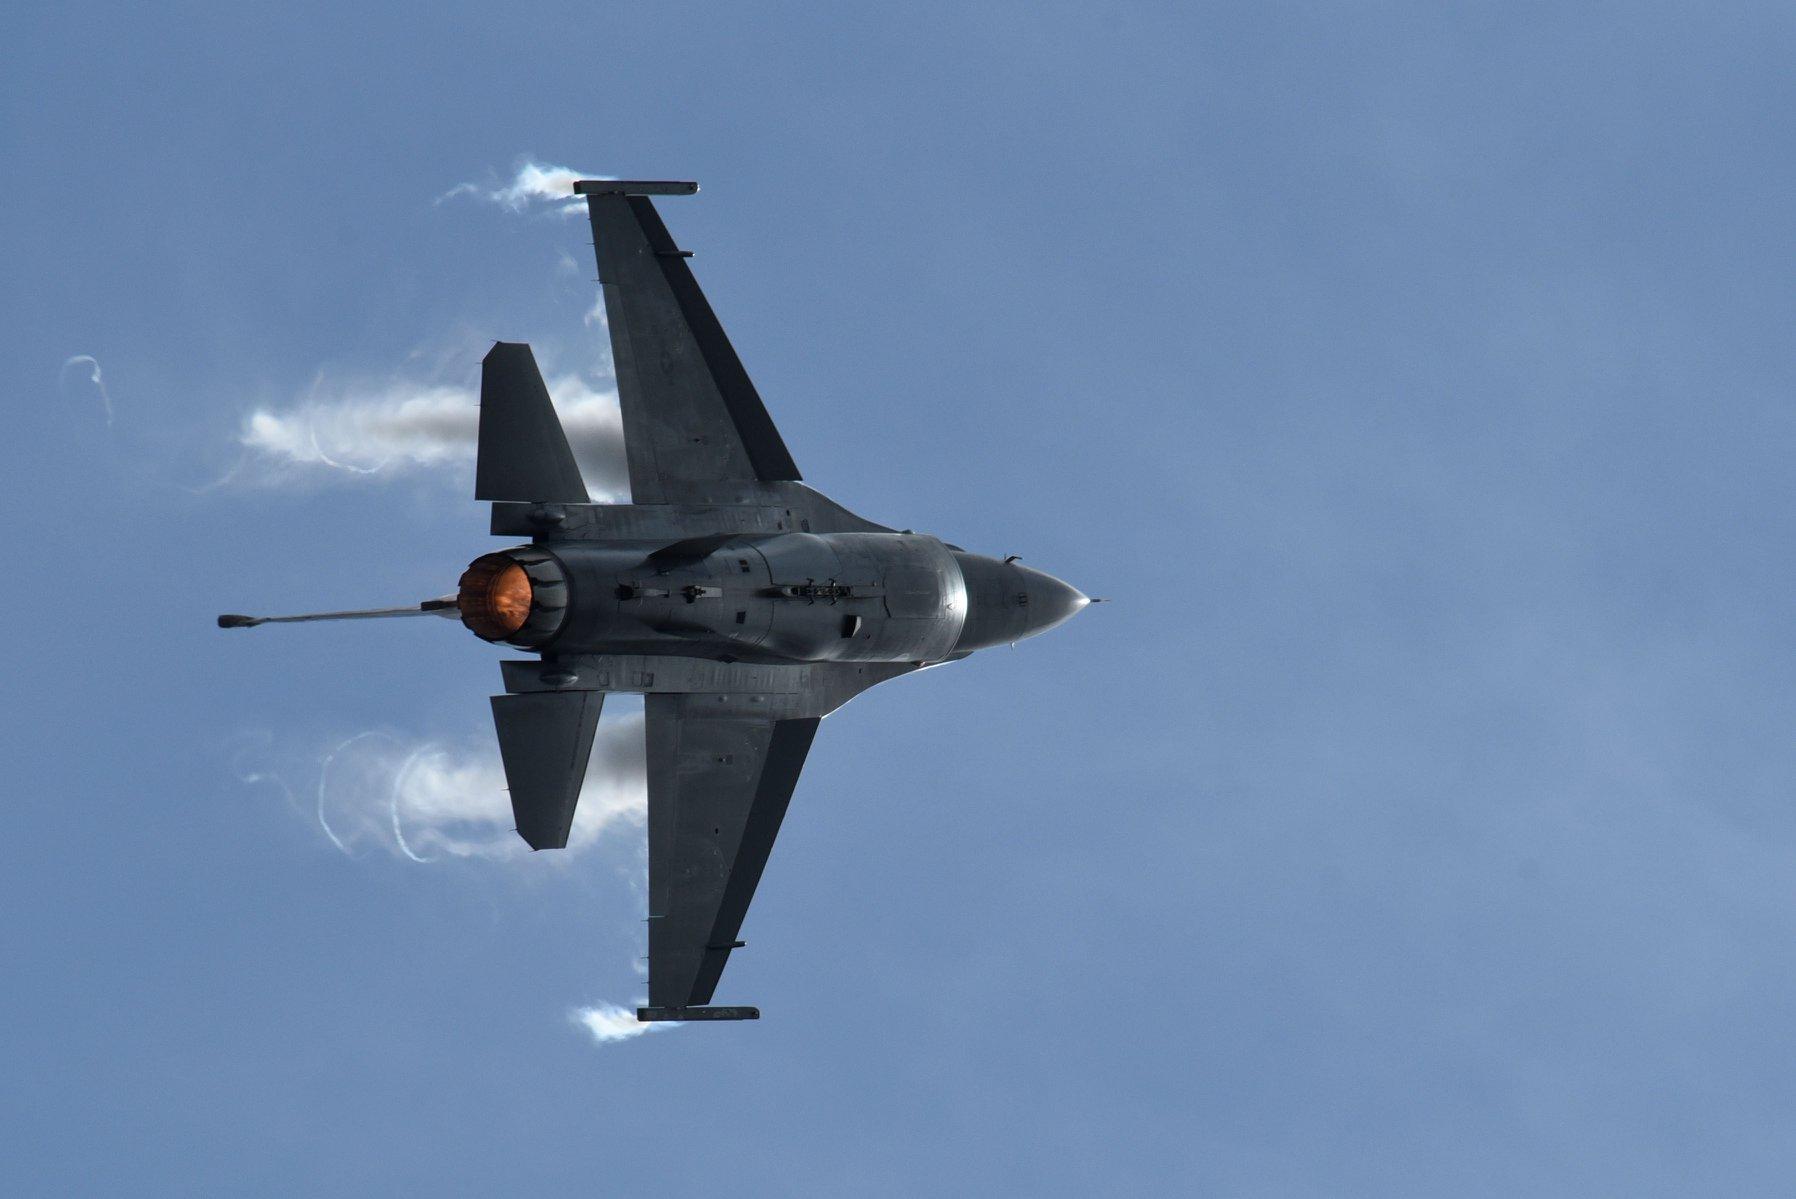 U.S. Air Force's Premier Multi-role Fighter, the F-16 Fighting Falcon – Viper Demo Team 2020